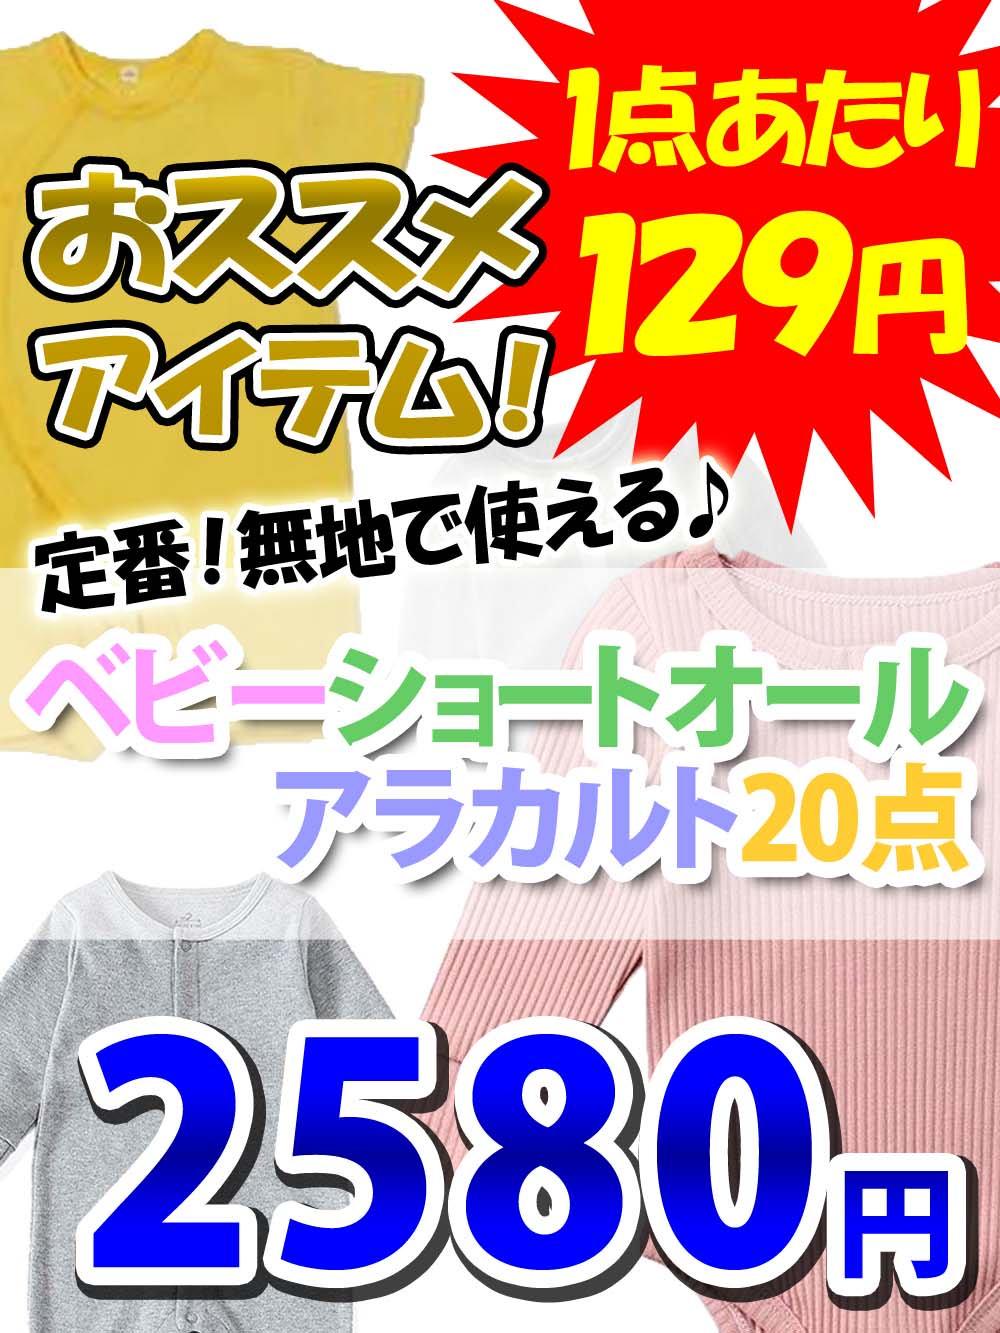 【おすすめ!】無地ベビーショートオールアラカルト!【20点】@129